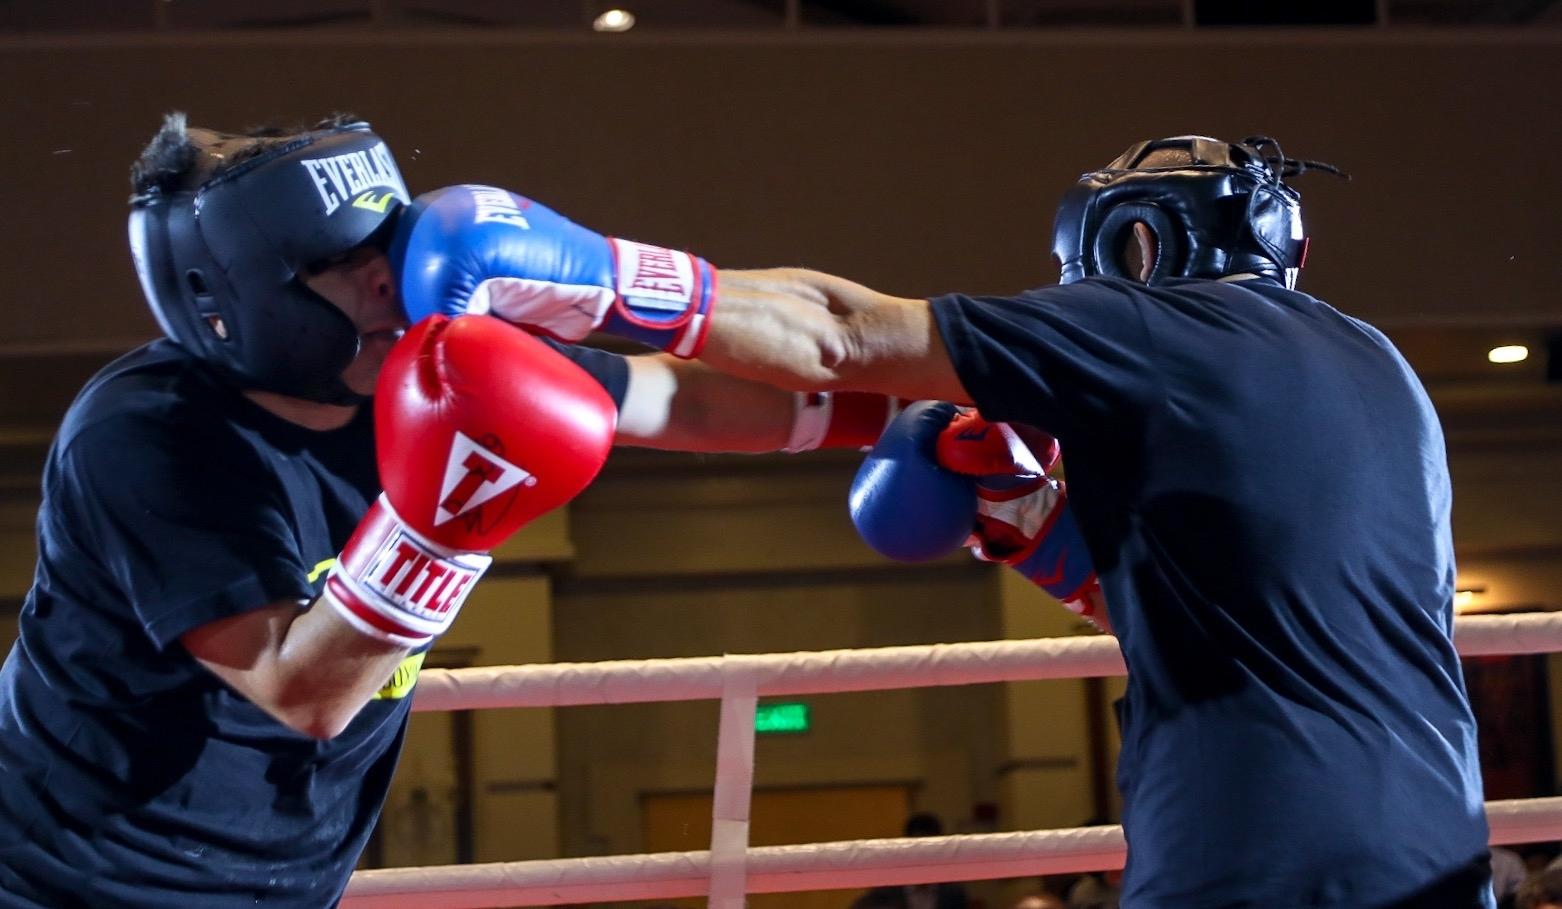 Бокс любительский картинки